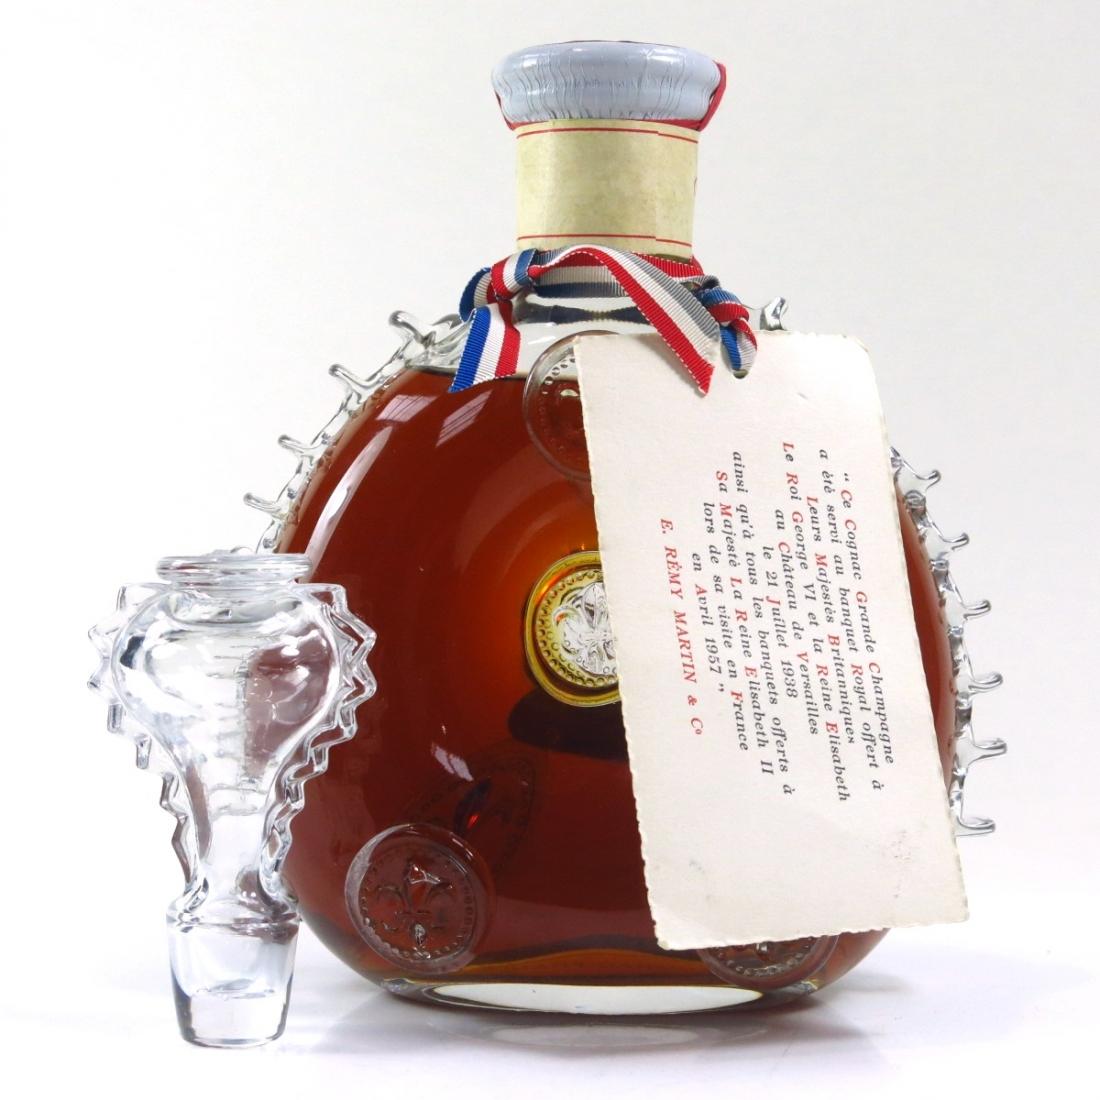 Remy Martin Louis XIII Cognac Circa 1960s